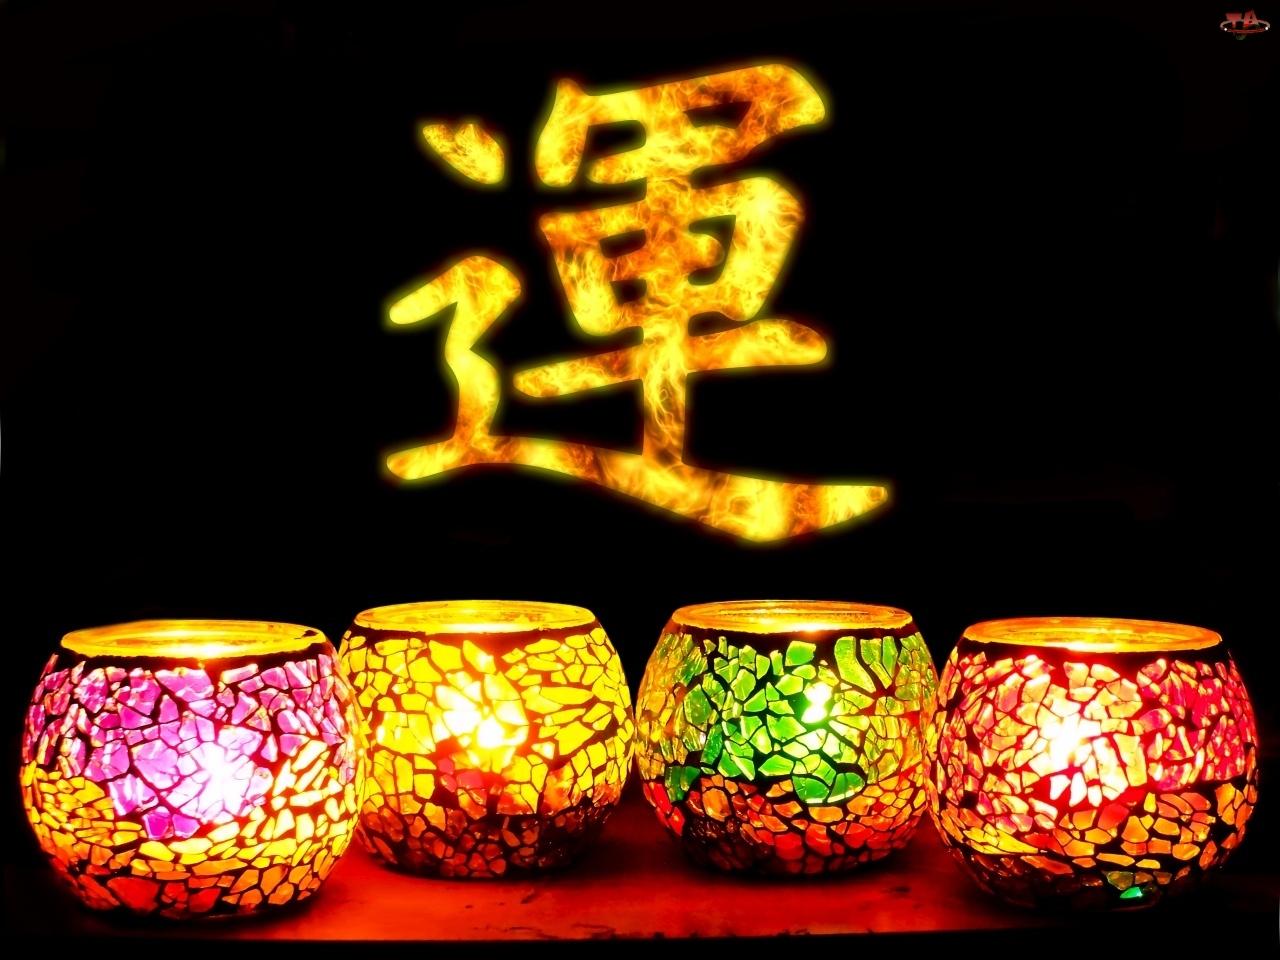 Dekoracja, Świece, Chiński, Znak